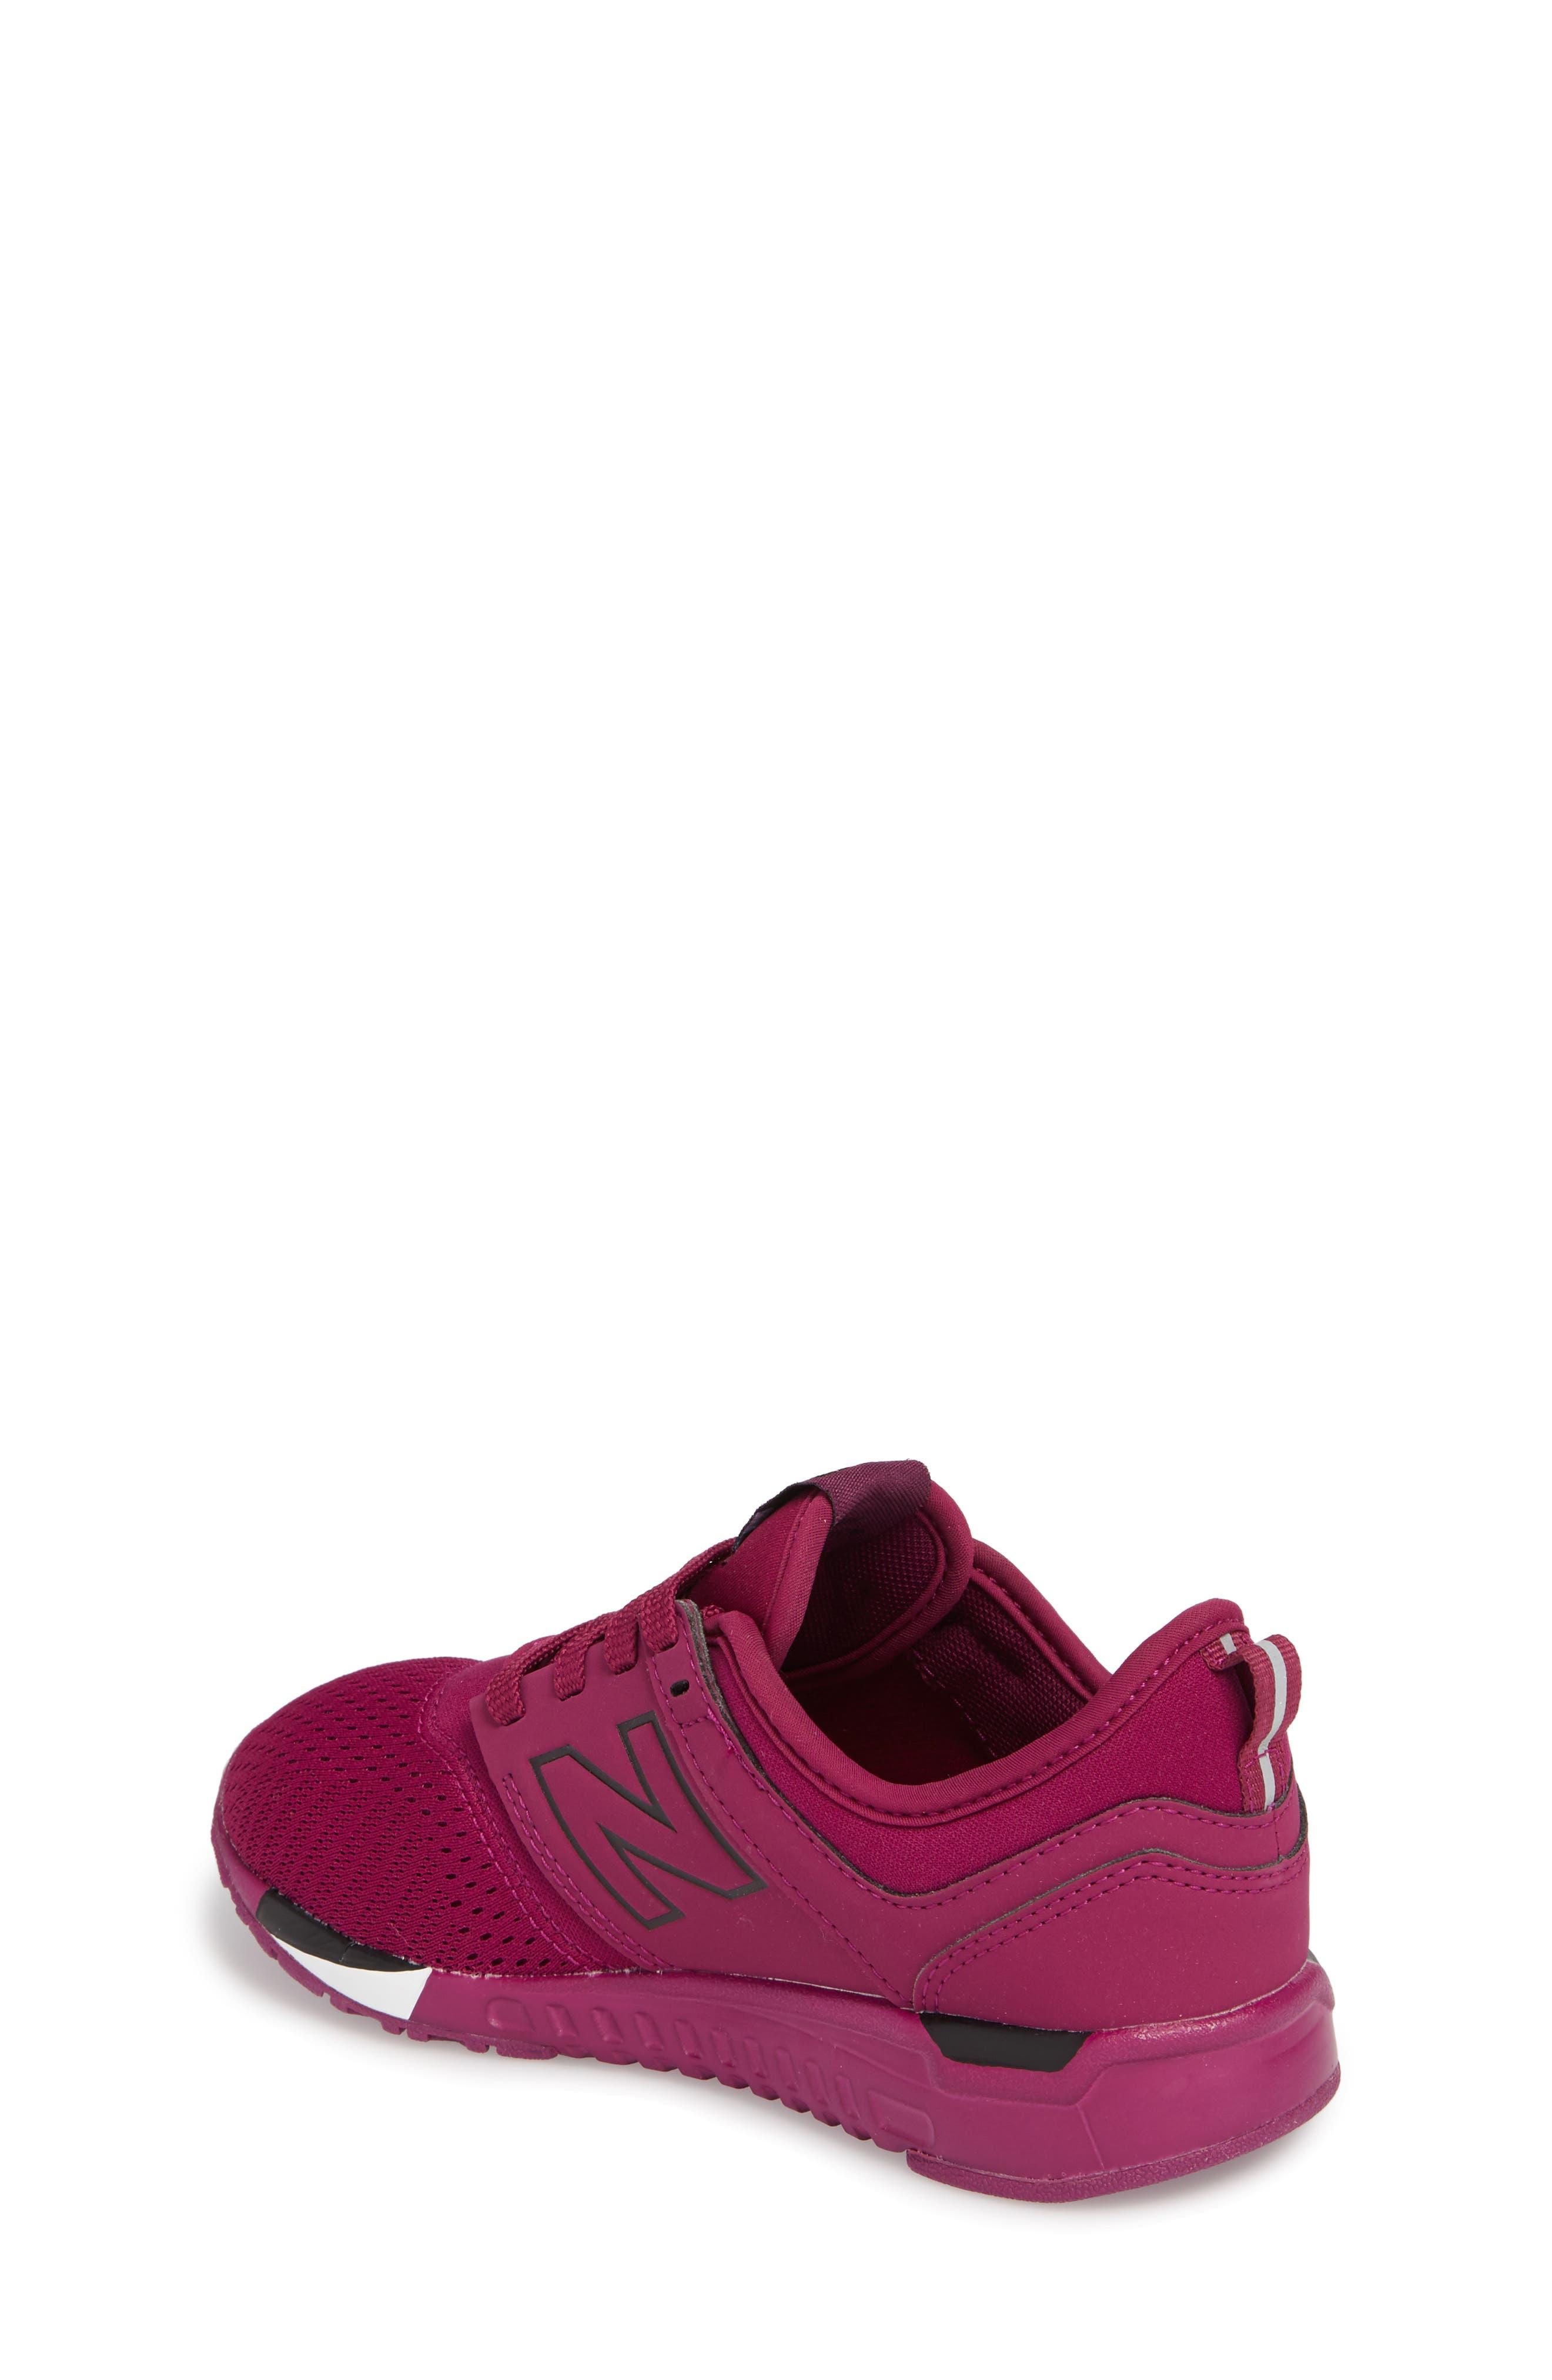 247 Sport Sneaker,                             Alternate thumbnail 4, color,